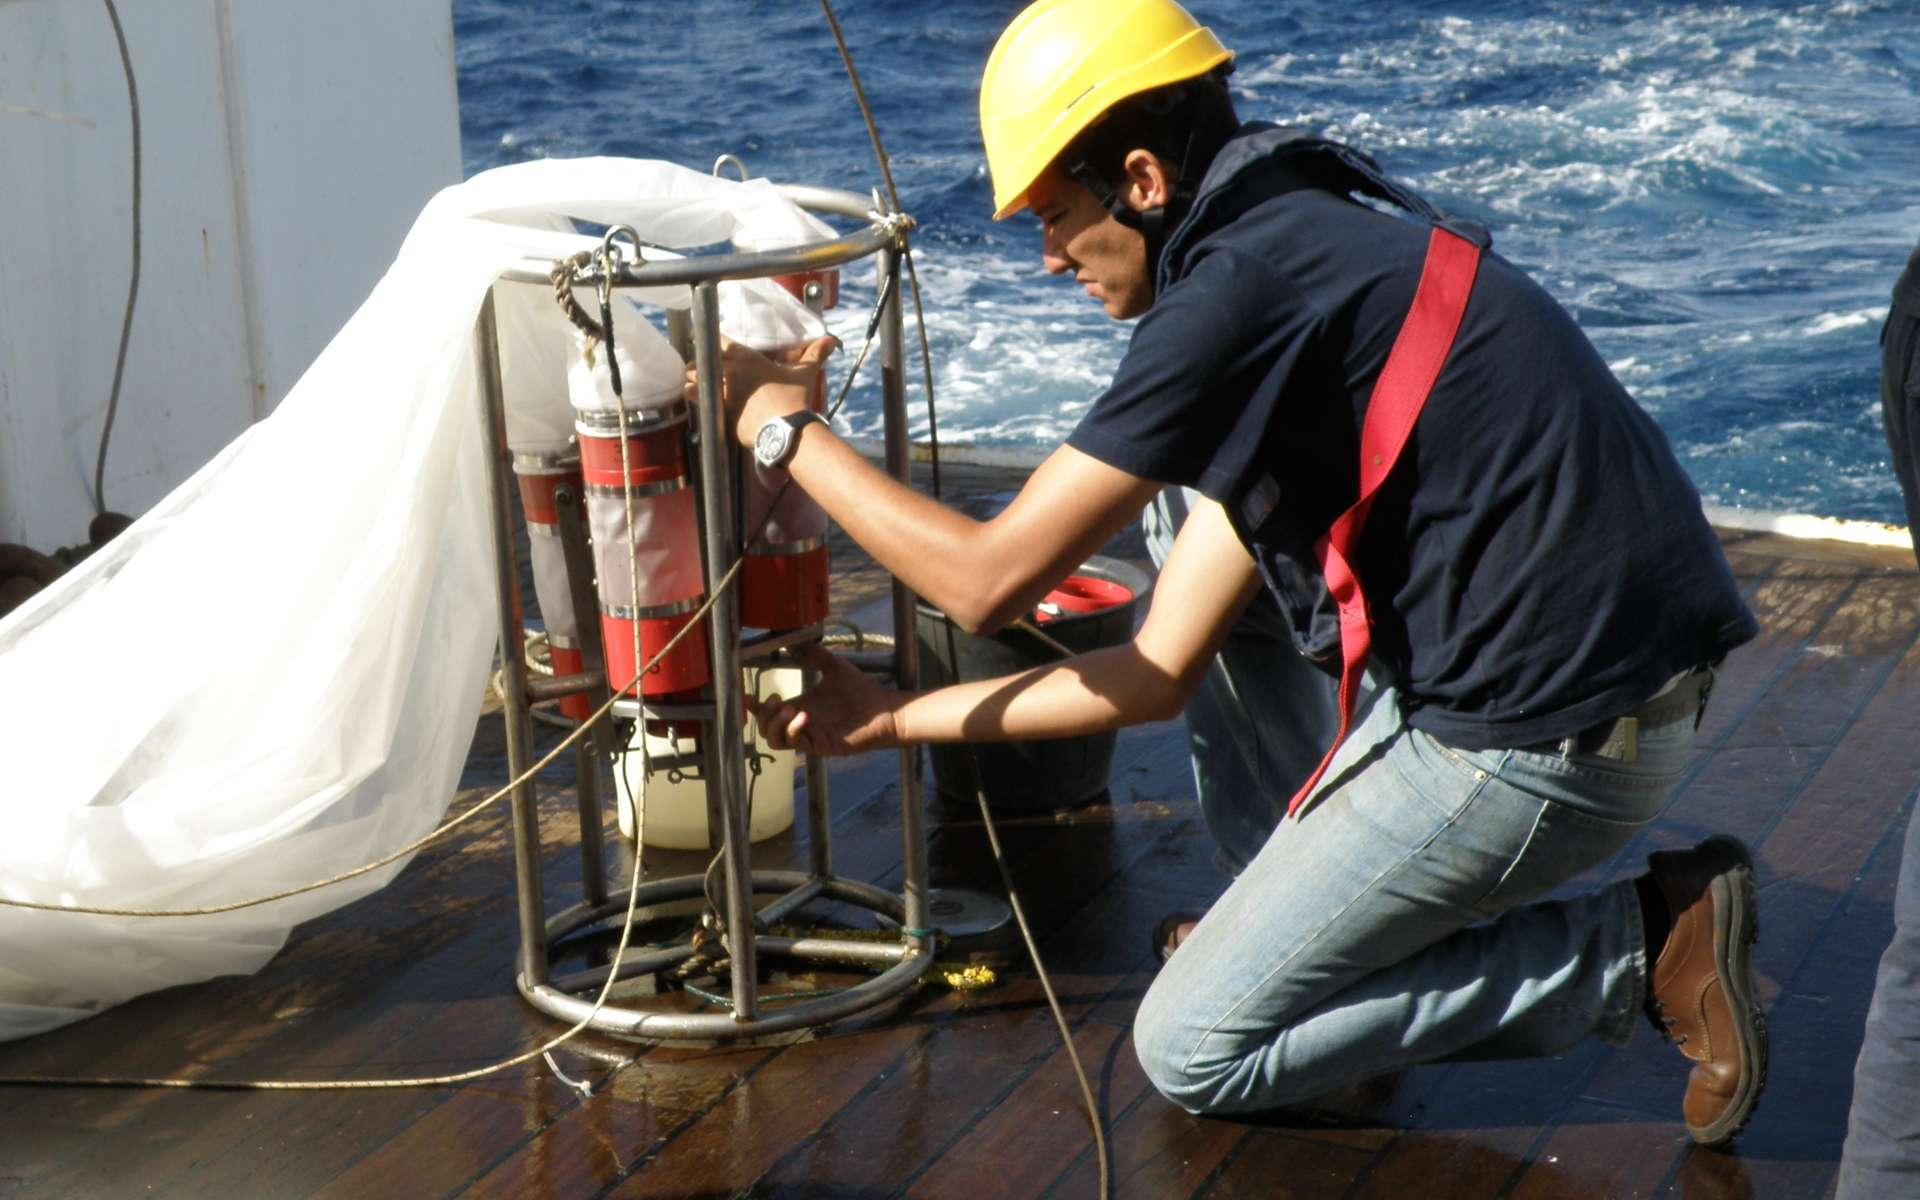 Sur le pont, on prépare un filet à plancton, équipé à sa sortie de plusieurs compartiments obturés par des filtres aux maillages différents. © IRD-SPC